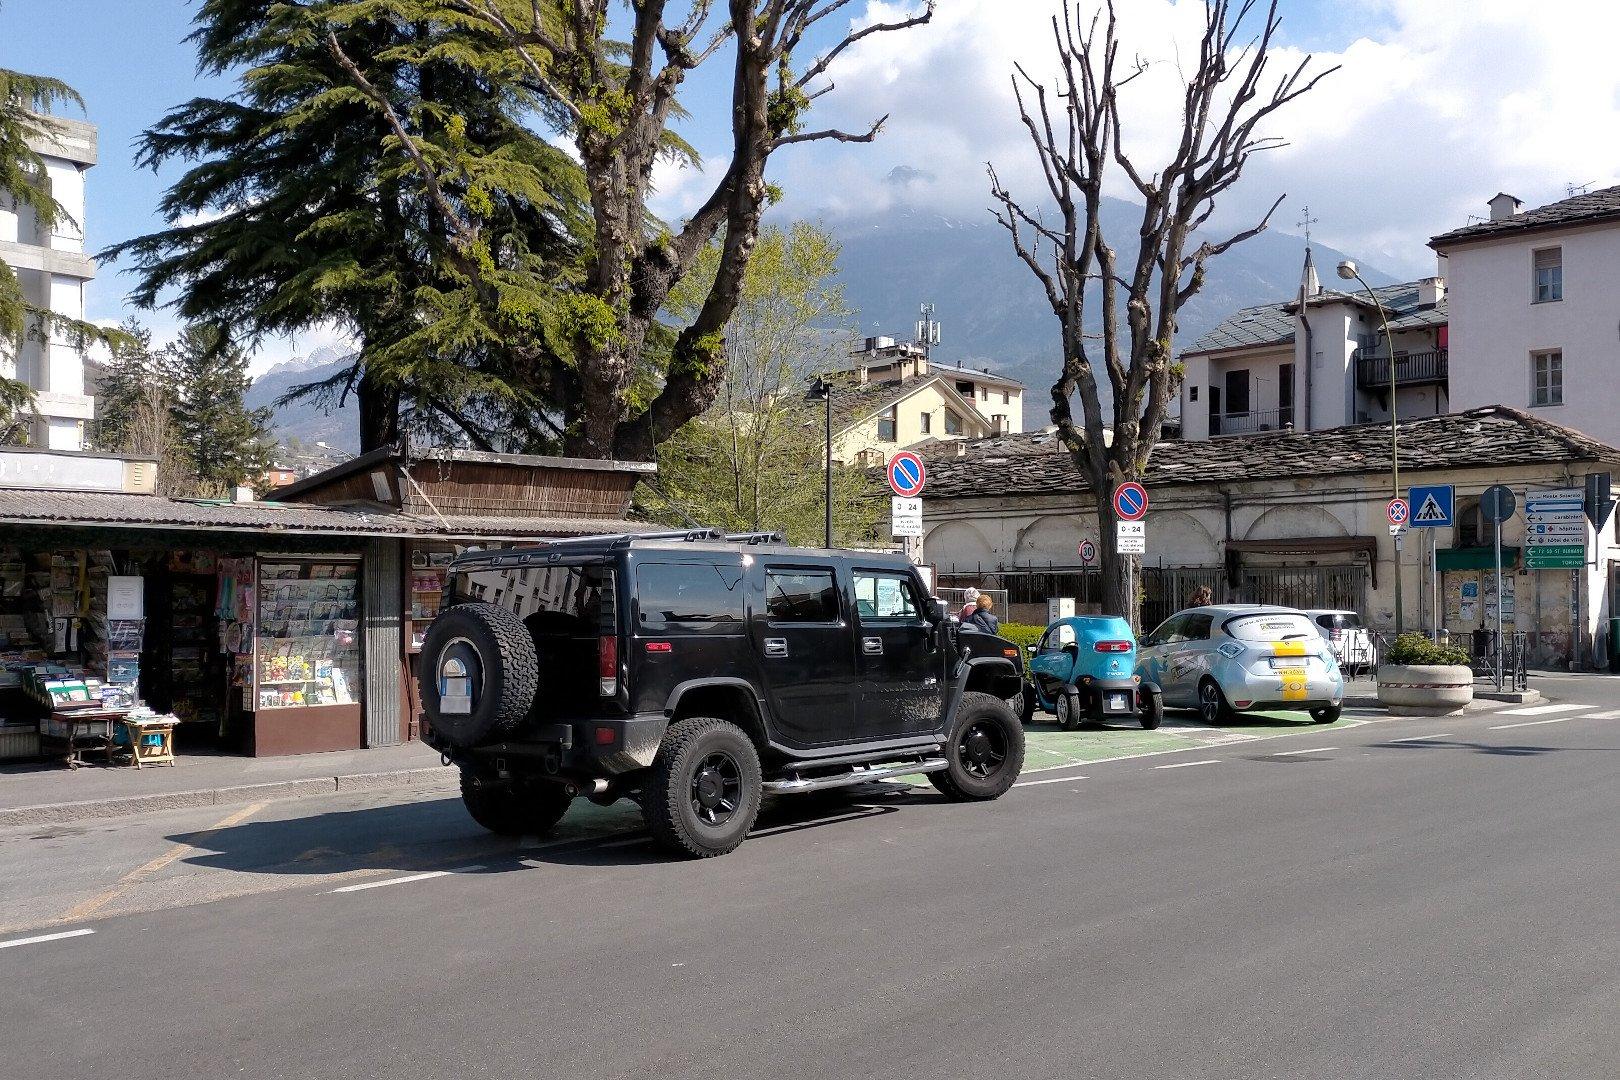 Un Hummer in sosta sugli stalli di ricarica dei veicoli elettrici in piazza della Repubblica ad Aosta